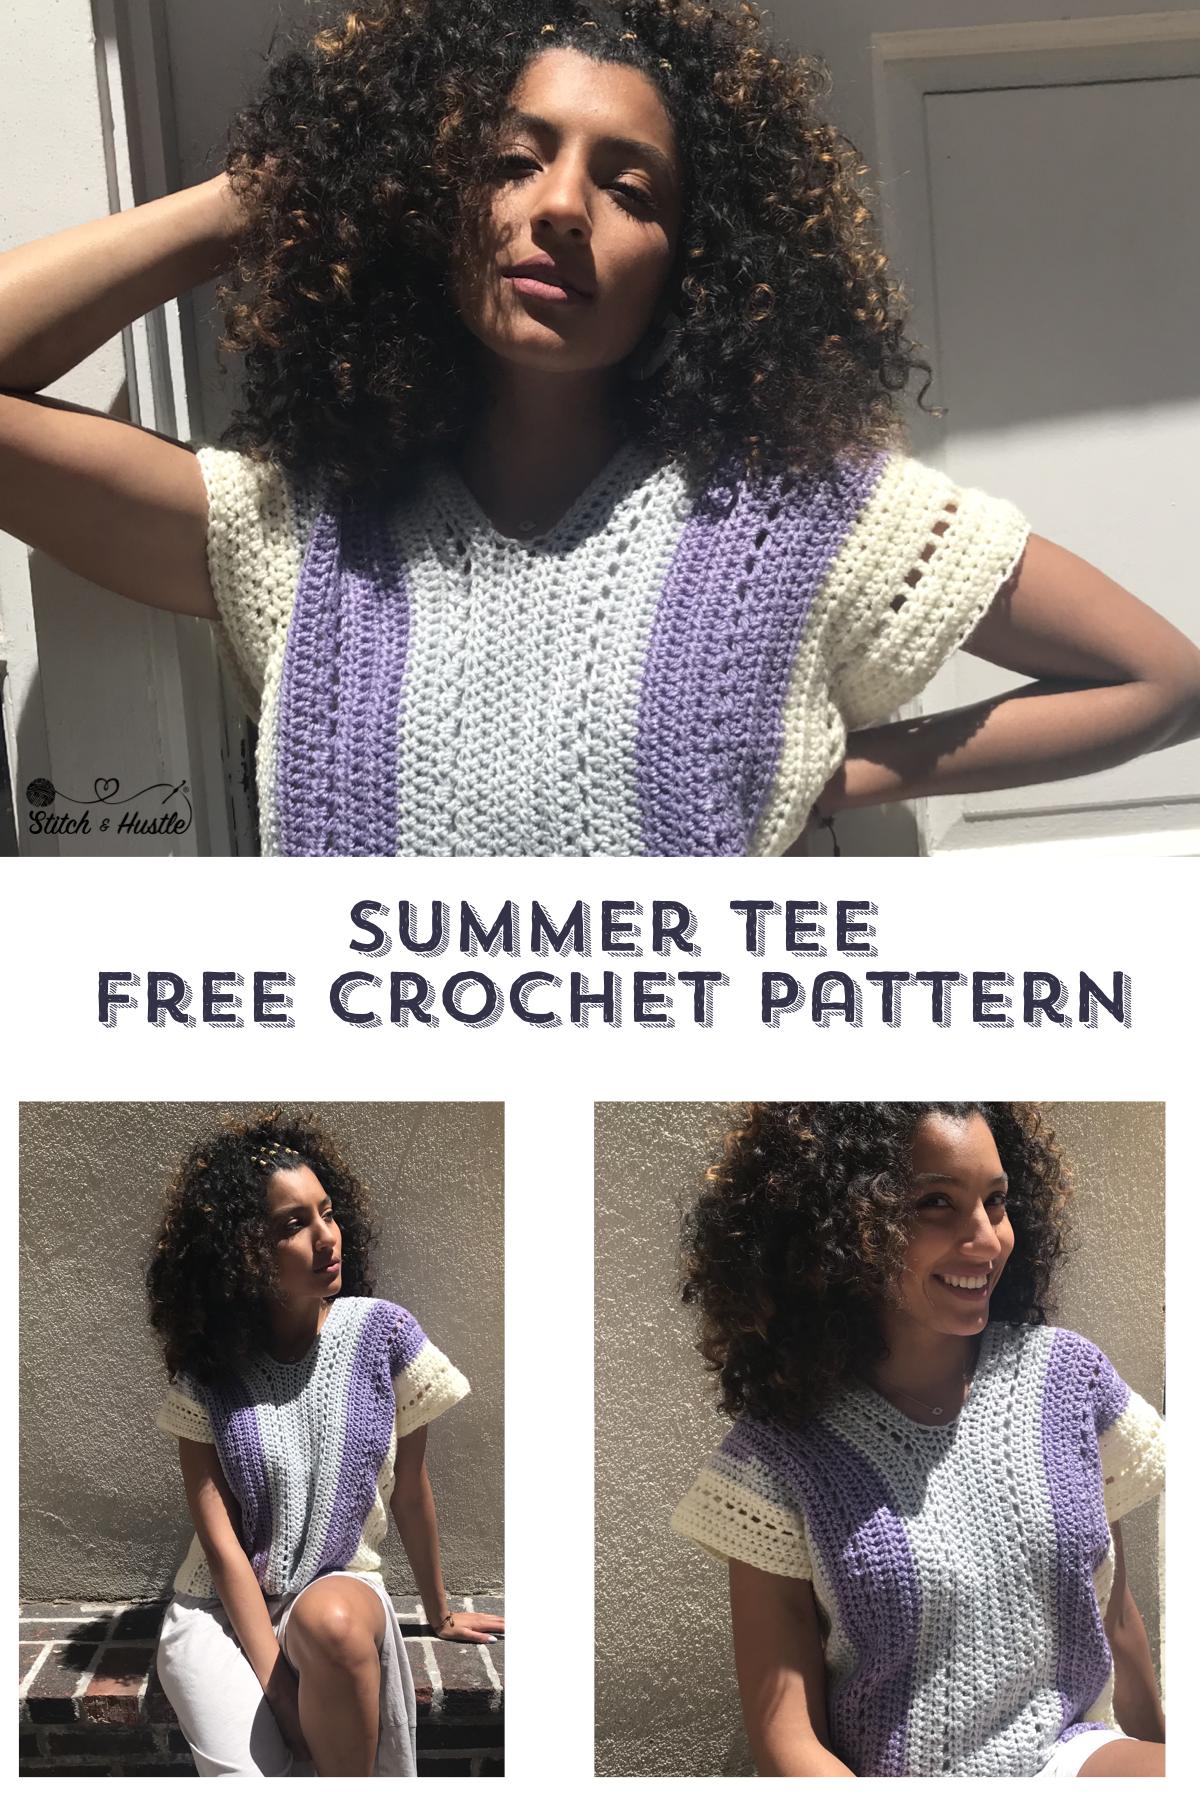 Riviera-crochet-top-free-pattern-stitch-and-hustle-Photo Jun 15, 6 17 20 PM.png